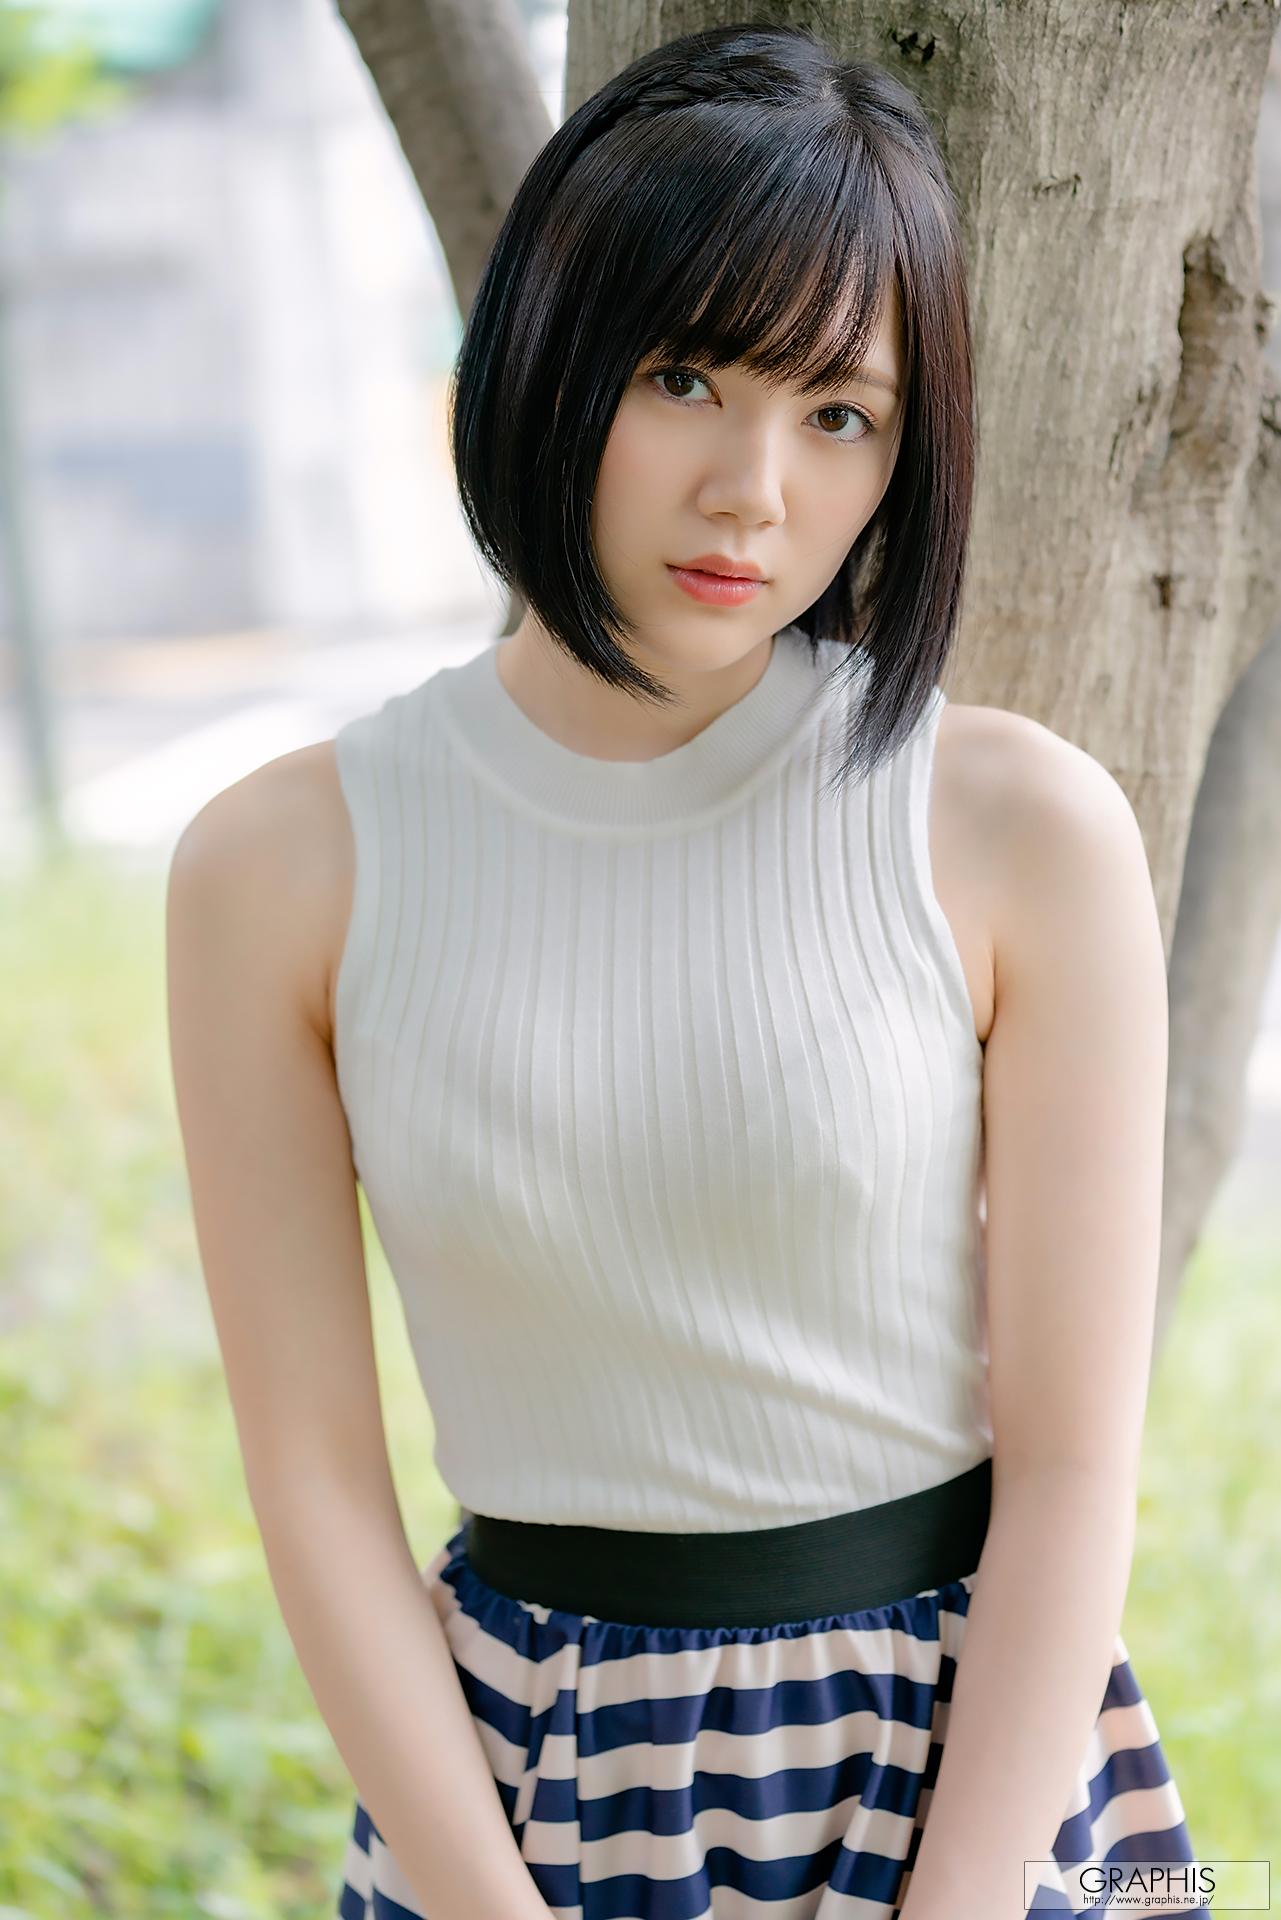 People 1281x1920 Japanese women Japanese women Asian gravure graphis Remu Suzumori pornstar JAV Idol